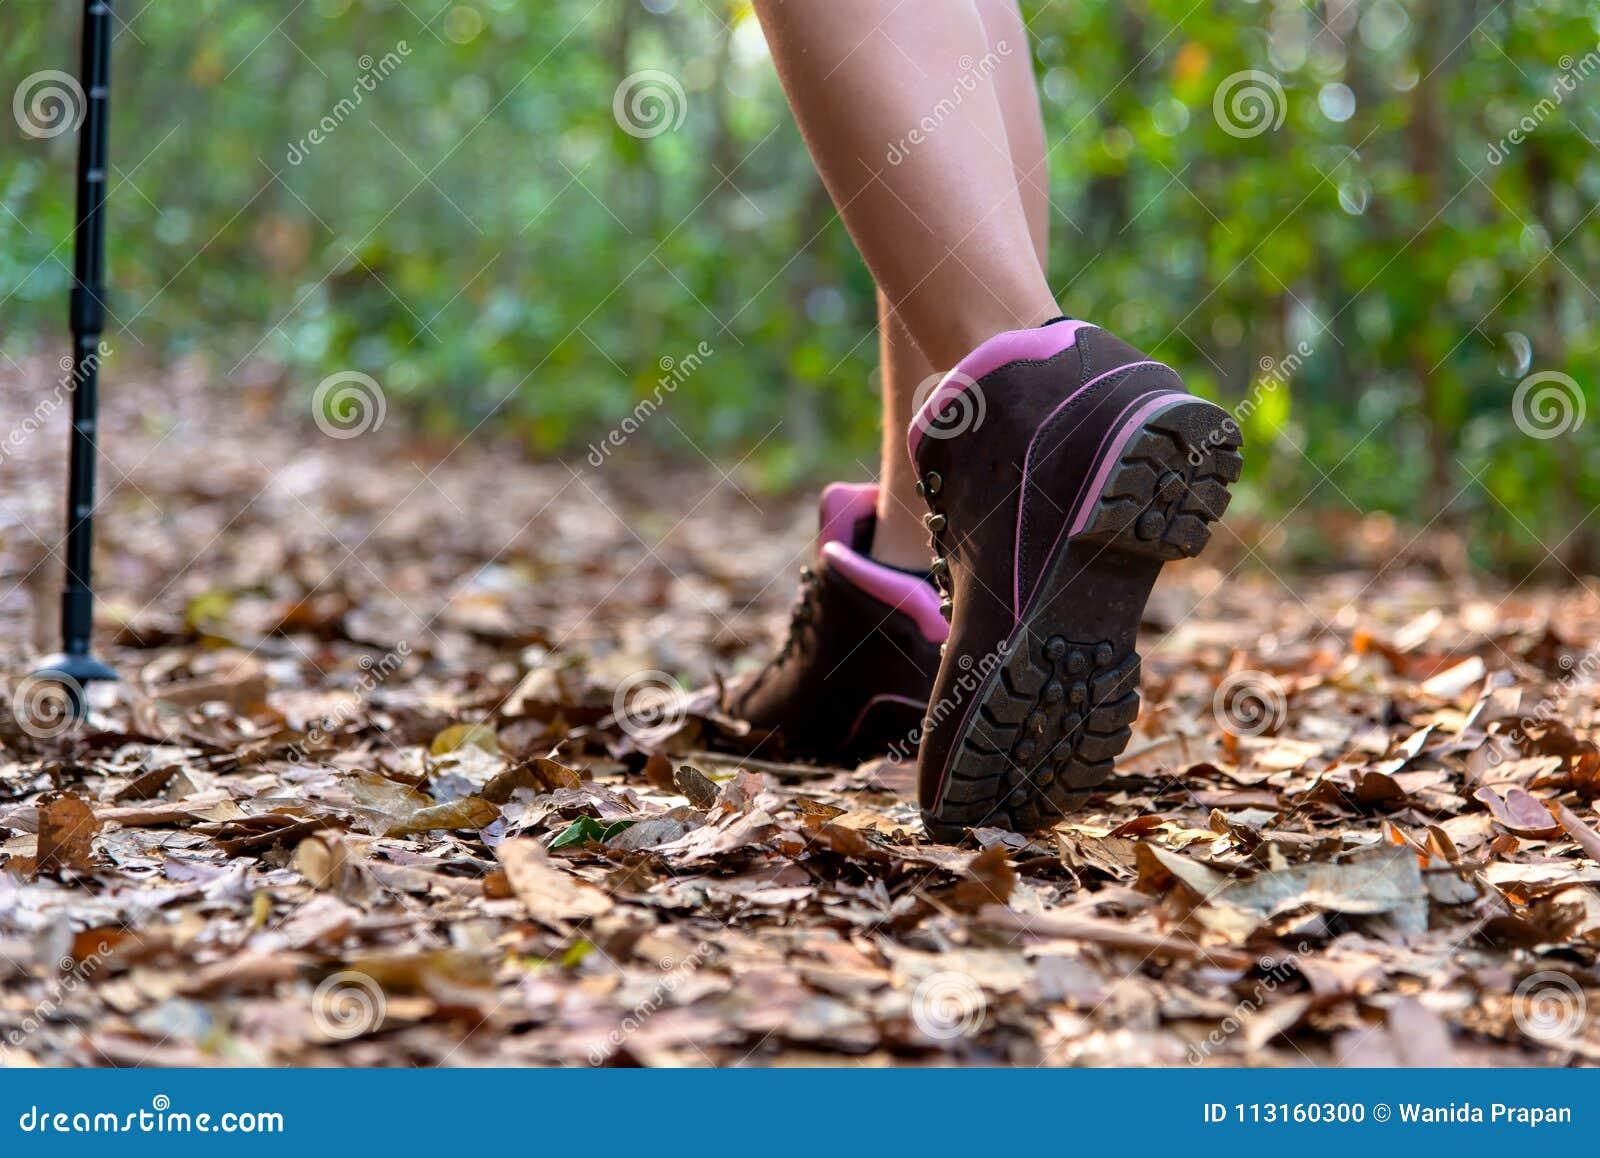 Zakończenie żeńscy wycieczkowiczy cieki i obuwiany odprowadzenie na lasowym śladzie